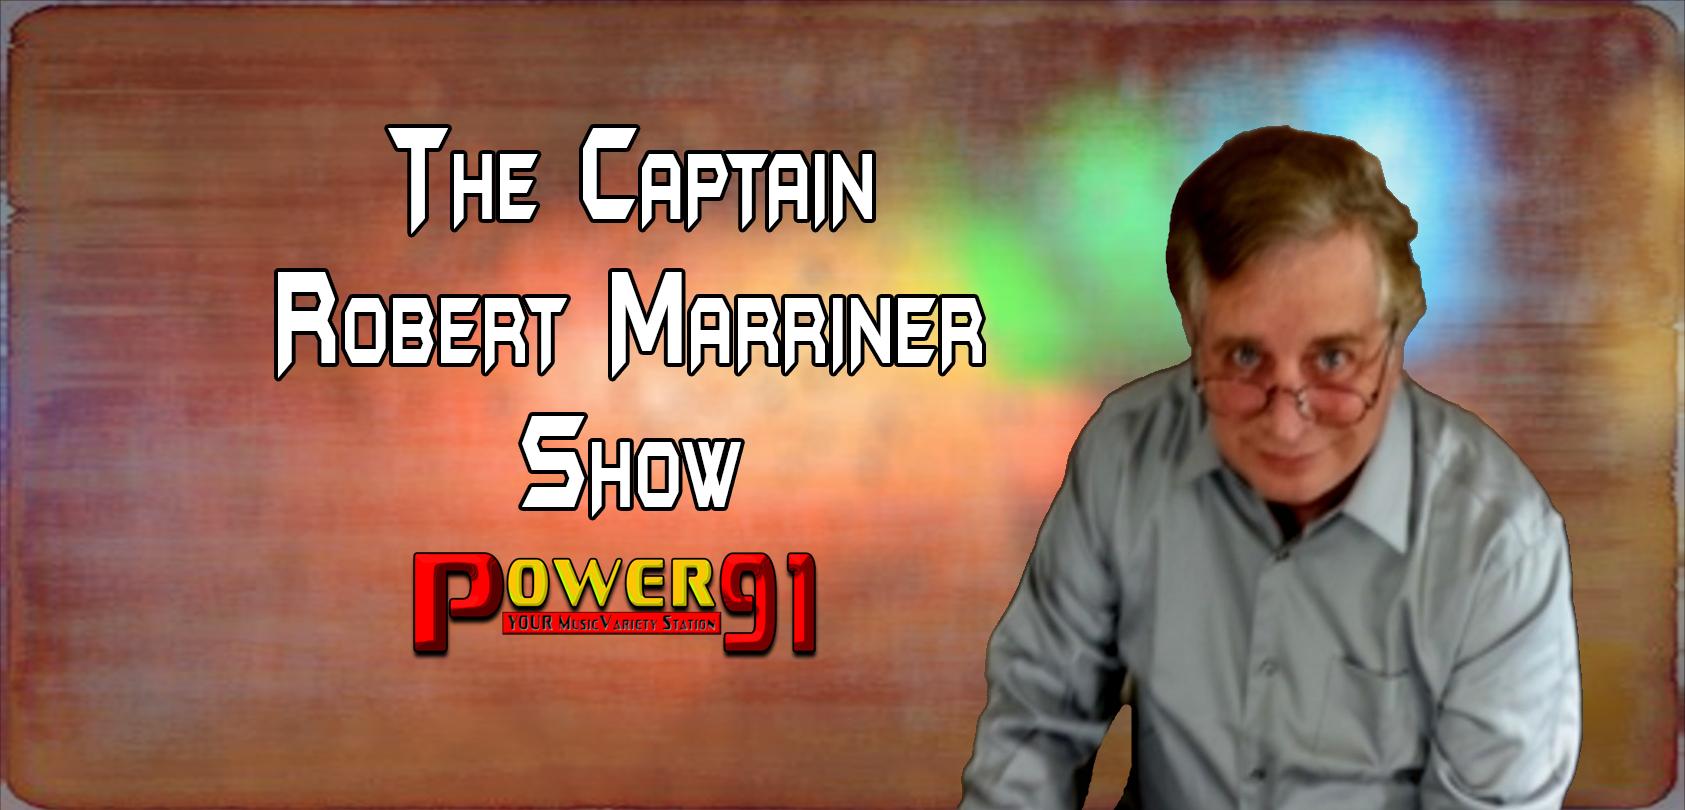 Captain Robert Marriner